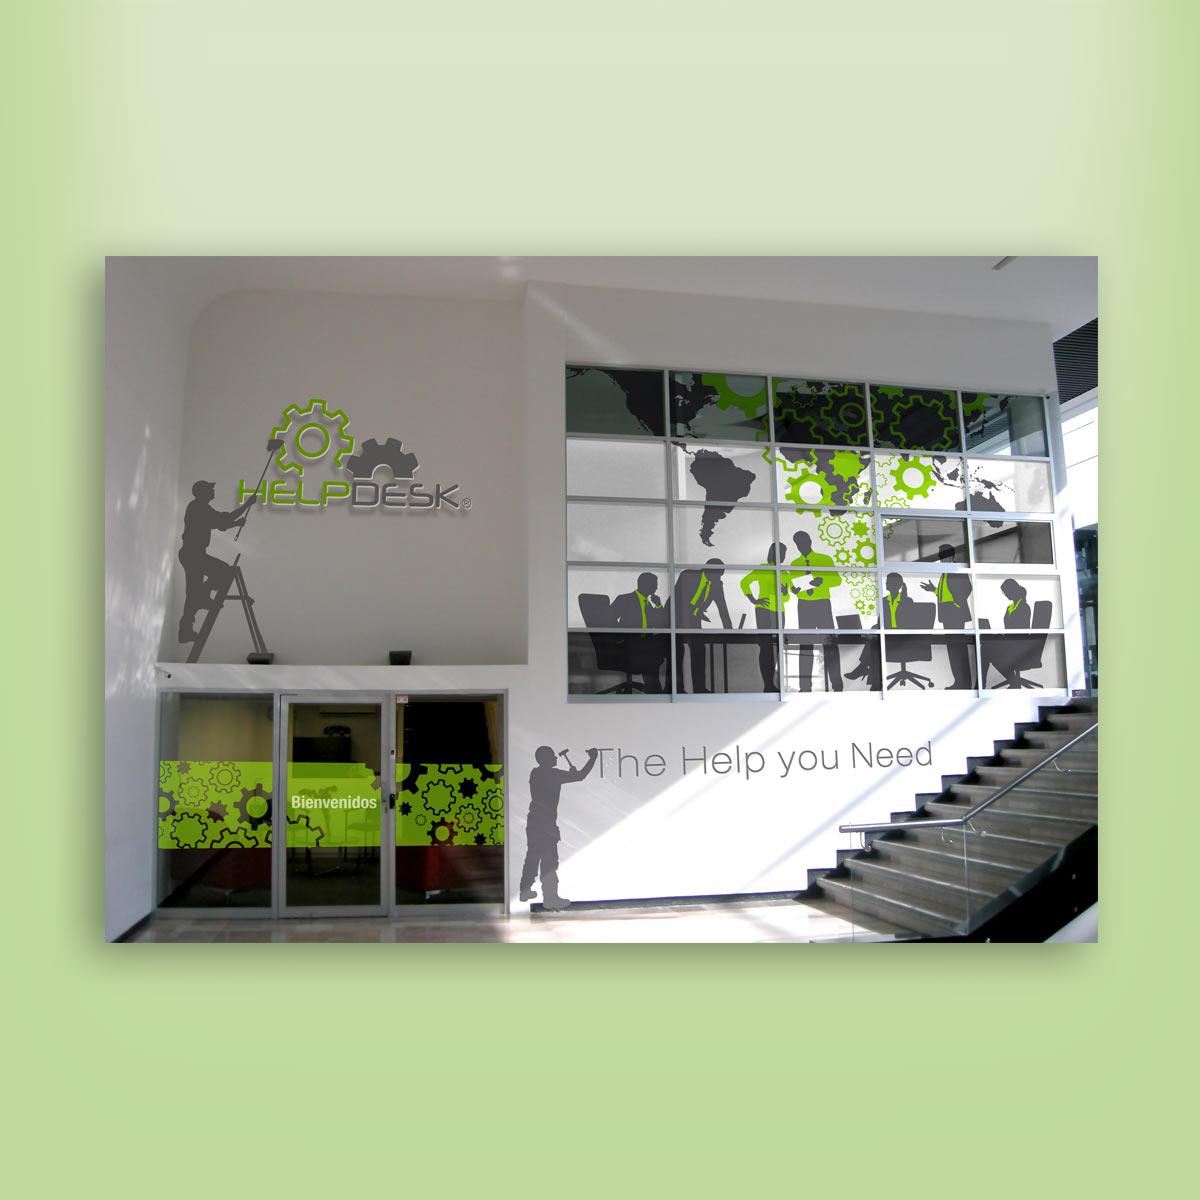 diseño de fachada frontal Helpdesk